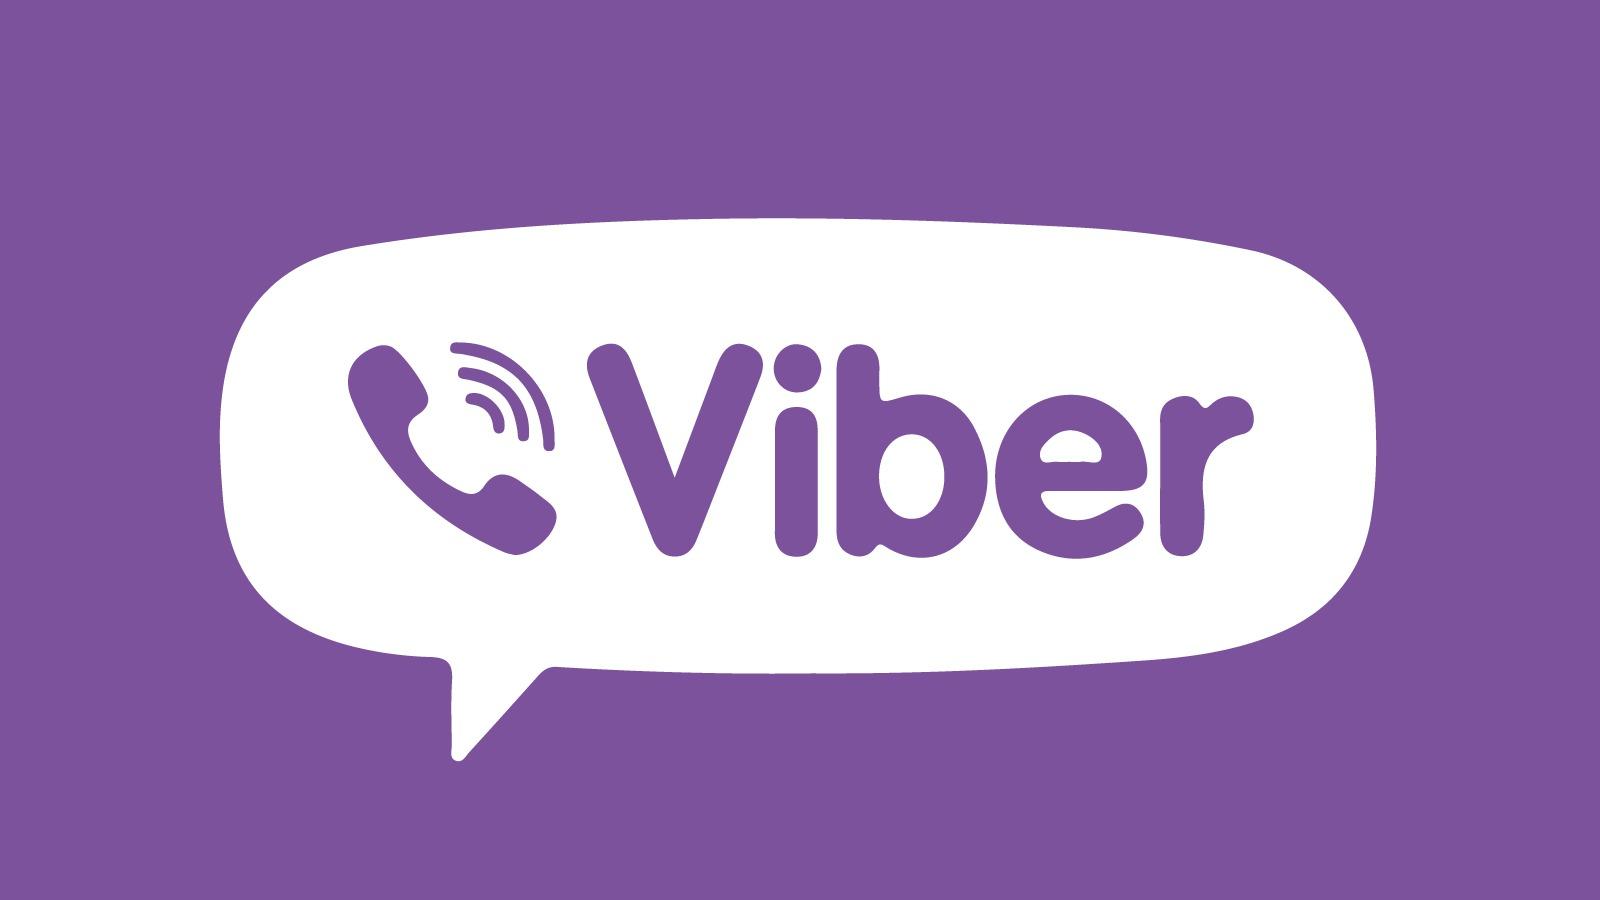 Лучани можуть дізнатися про відключення електроенергії через «Viber»